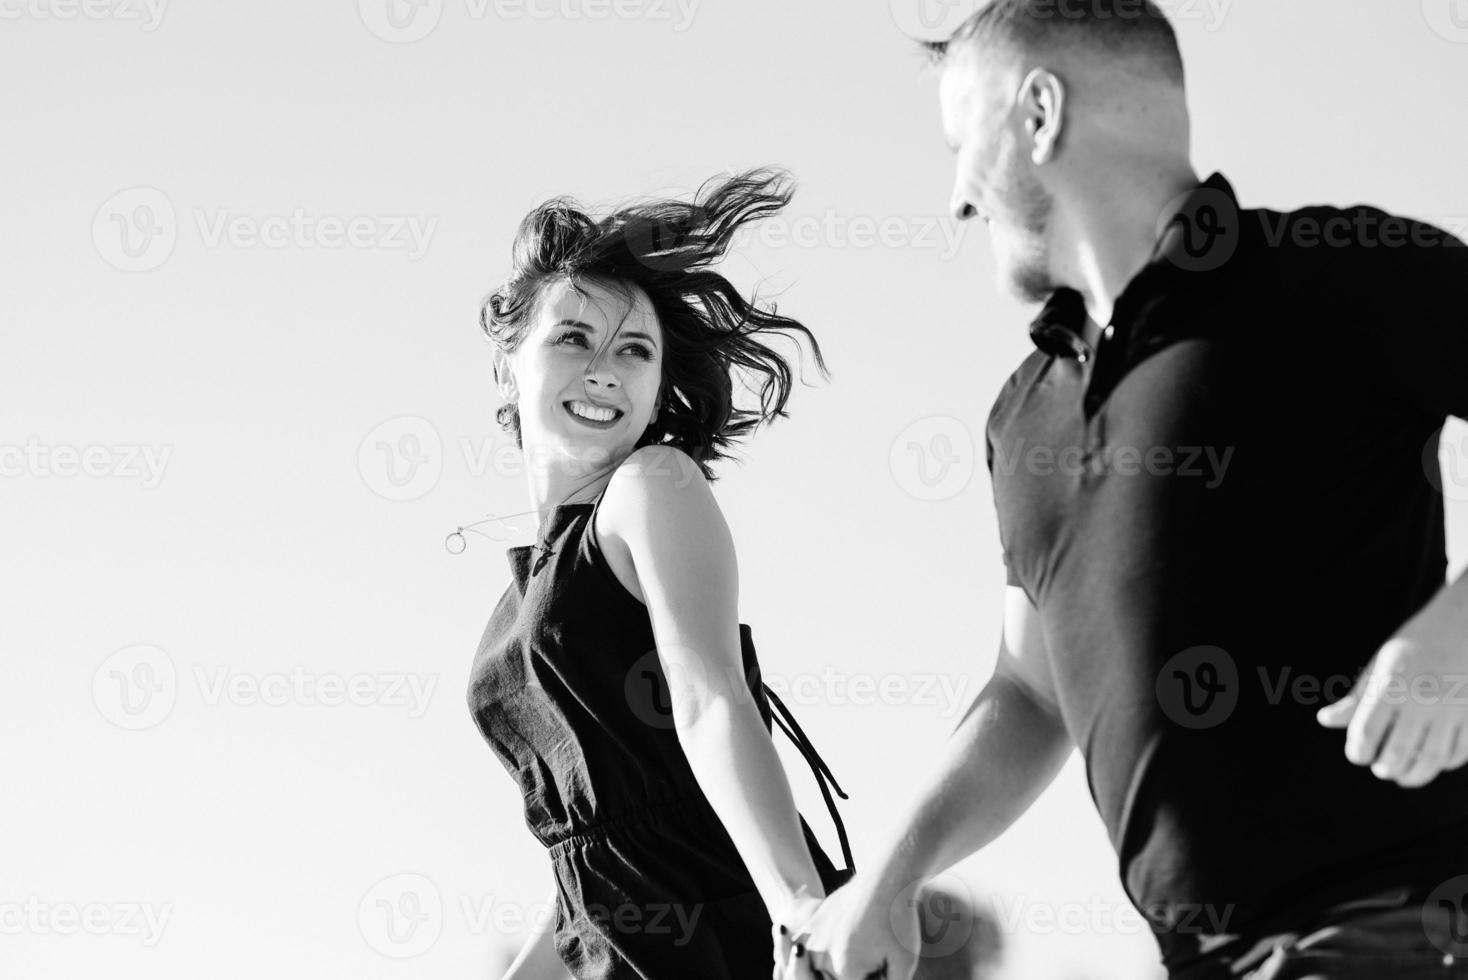 junges Paar ein Mann und ein Mädchen mit freudigen Gefühlen in schwarzen Kleidern gehen durch die weiße Wüste foto